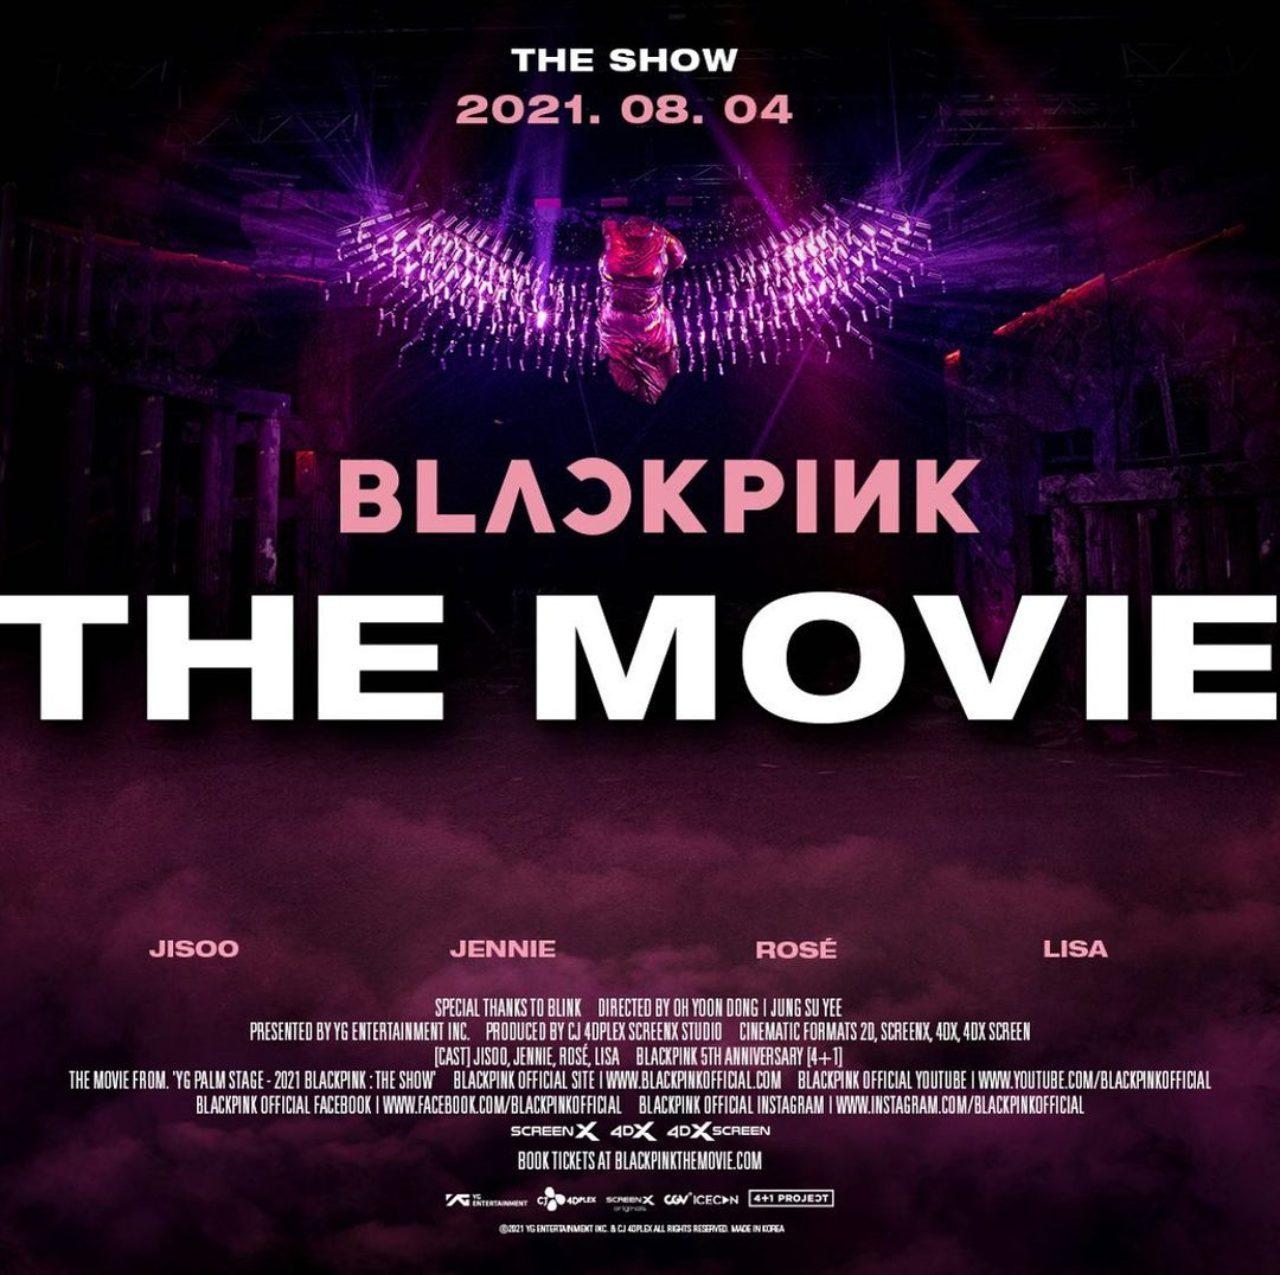 BLACKPINK The Movie boletos ver pelicula